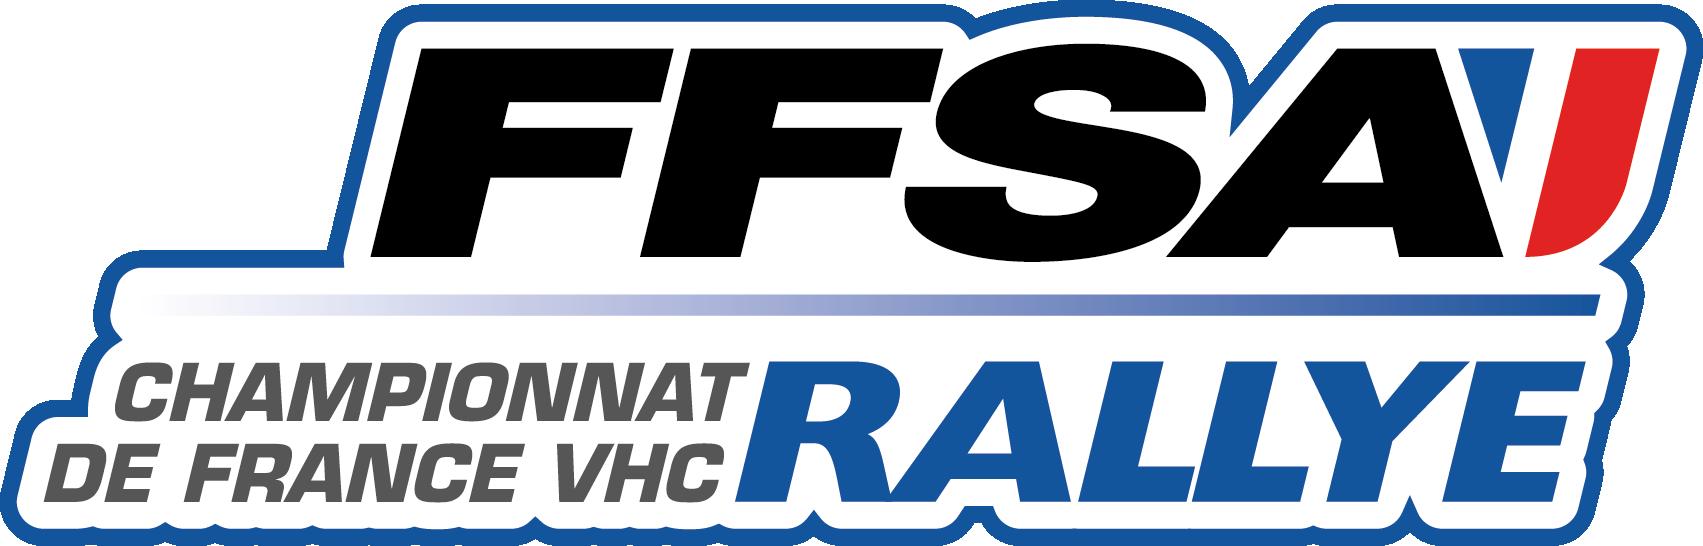 Les championnats de france ffsa - Calendrier coupe de france des rallyes ...